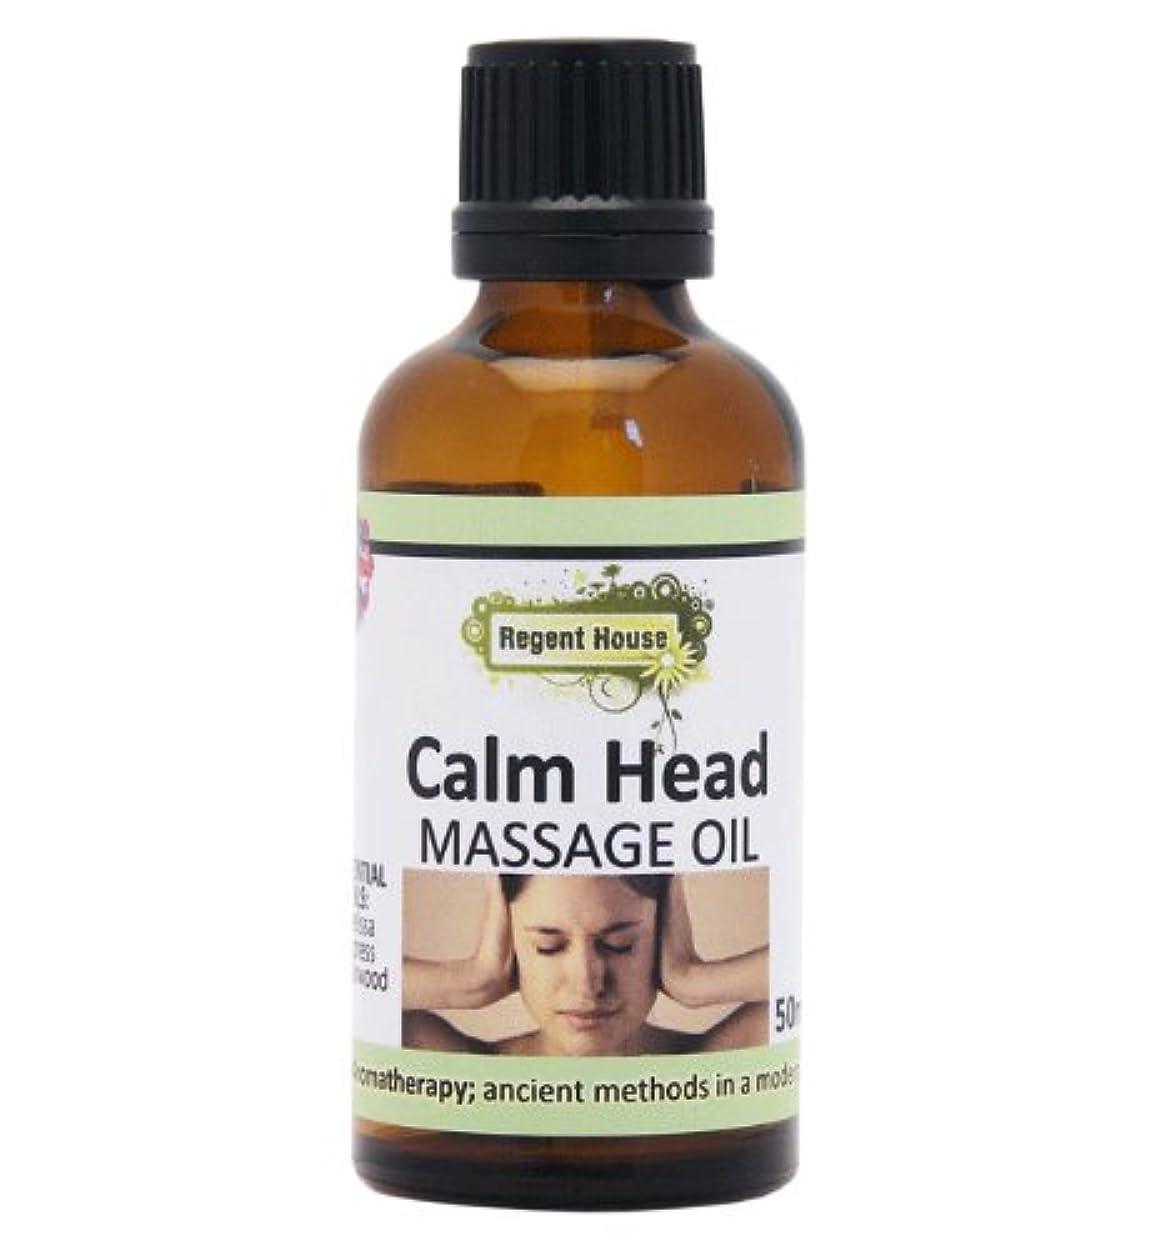 酔う思想ランチョン天然の精油がたっぷり入って、この値段。 アロマ ナチュラル マッサージオイル 50ml カームヘッド(Aroma Massage Oil Calm Head)